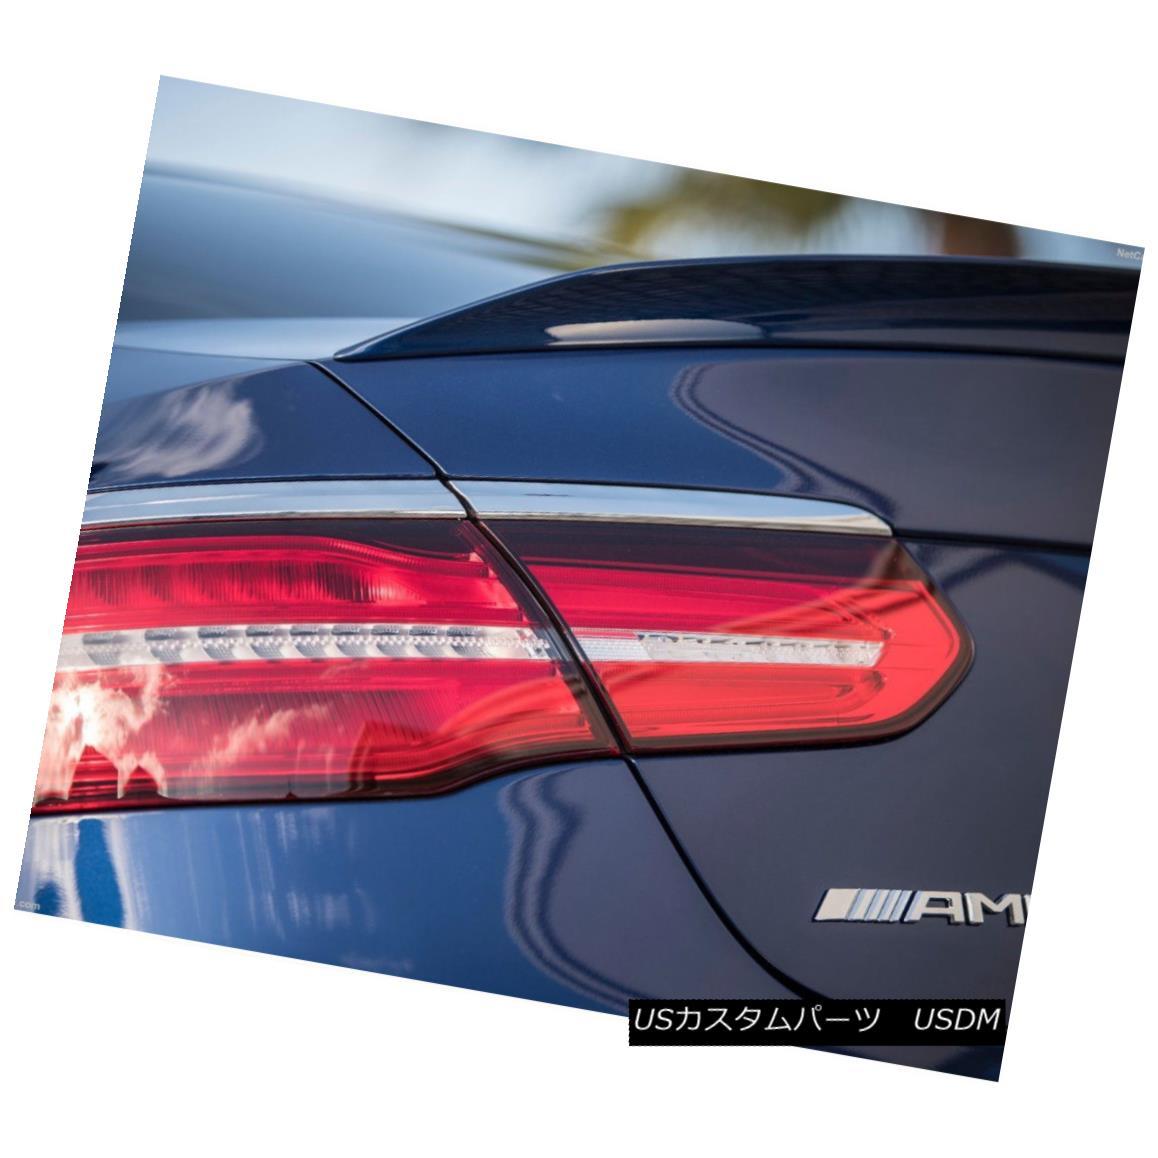 エアロパーツ Unpainted ABS A Look Trunk Spoiler Wing For M-Benz GLC class C253 Coupe 4-door M-Benz GLCクラスC253クーペ4ドア用無塗装ABSルックトランク・スポイラー・ウィング